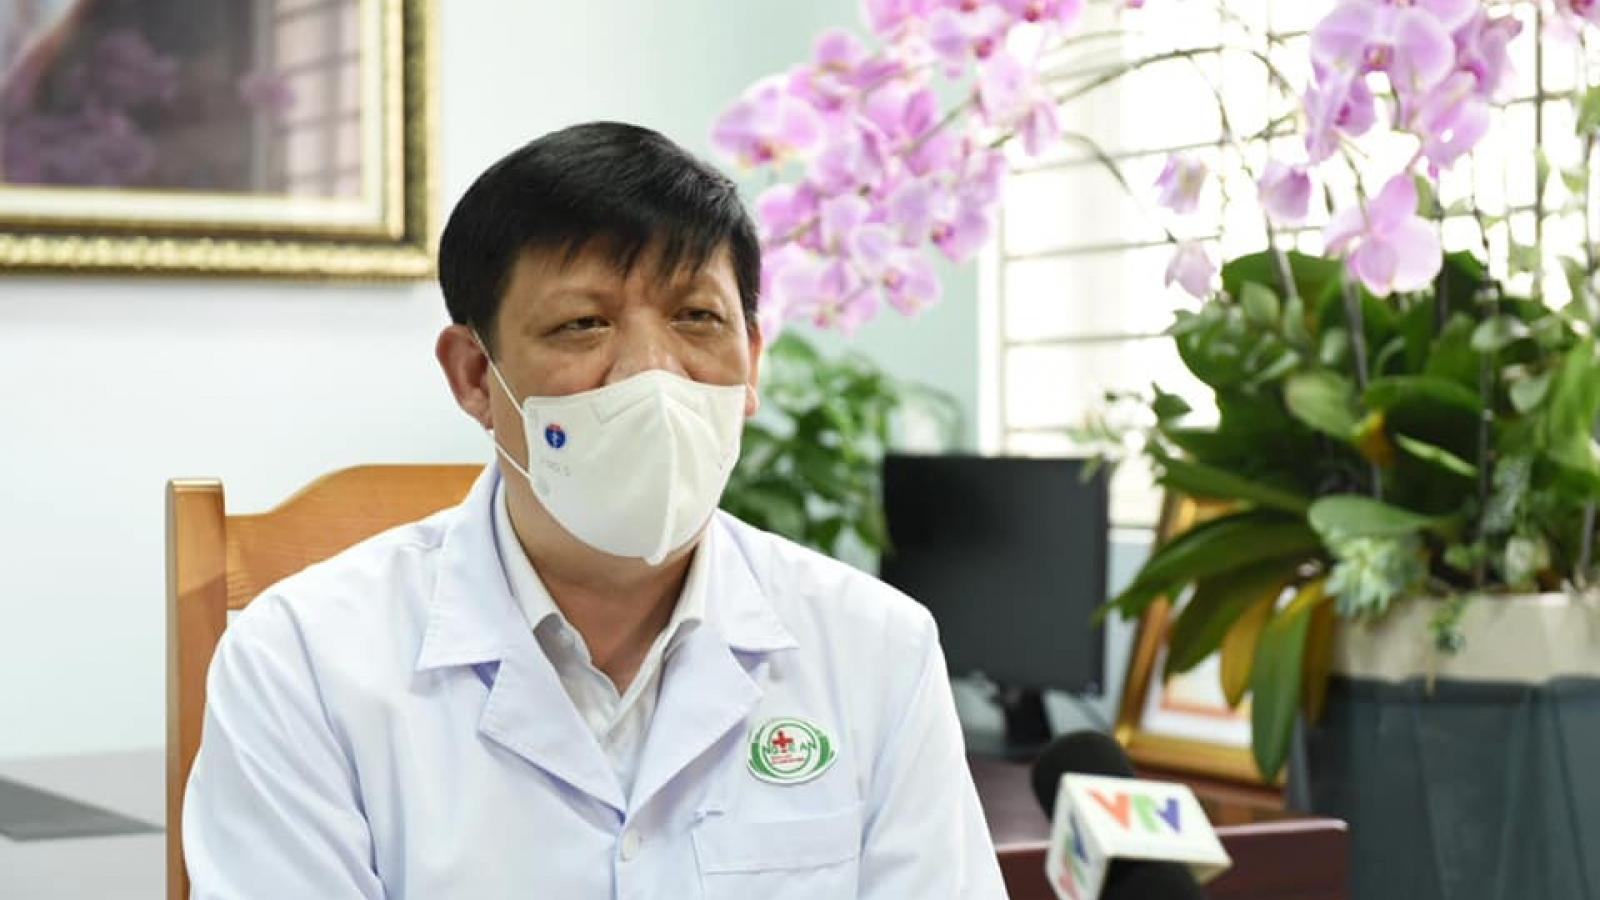 Bộ trưởng Bộ Y tế: Chuẩn bị các kịch bản xấu dịch Covid-19 lây lan rộng, tránh bị động